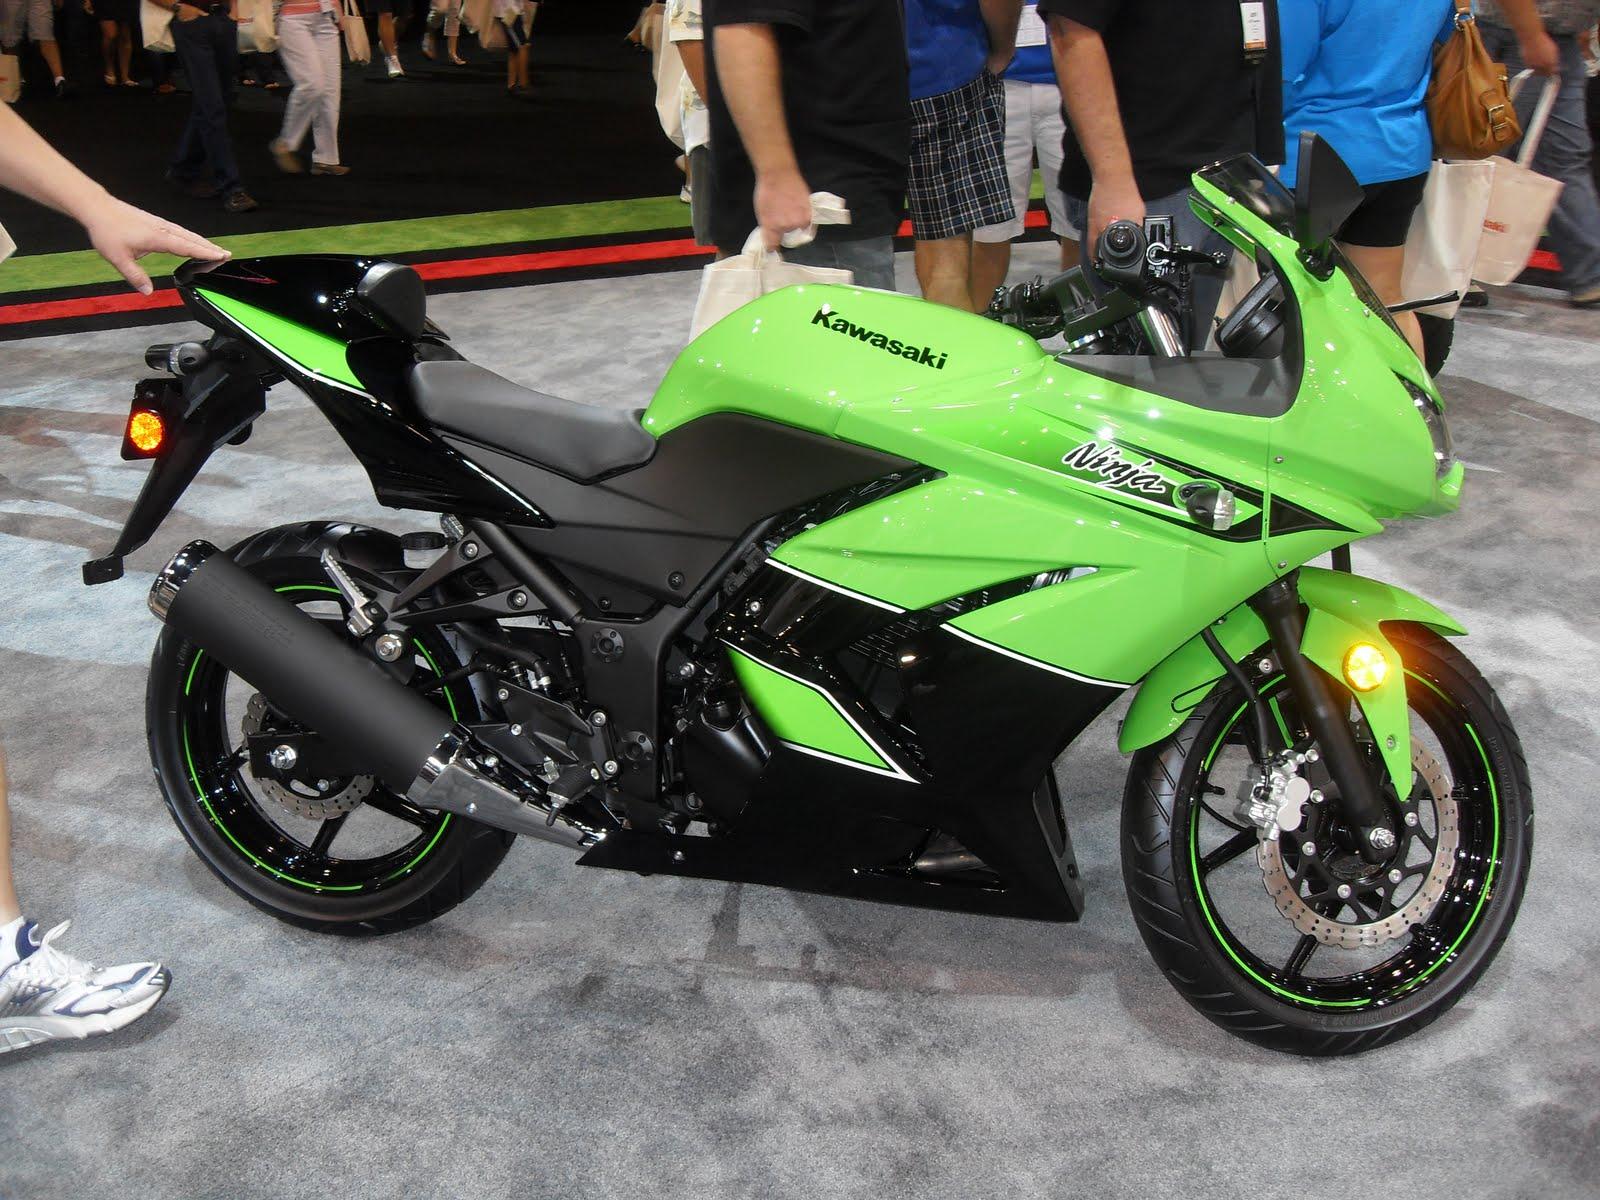 Мотоцикл Kawasaki Ninja (Кавасаки Ниндзя) 250R — интересный мотоцикл для начинающих